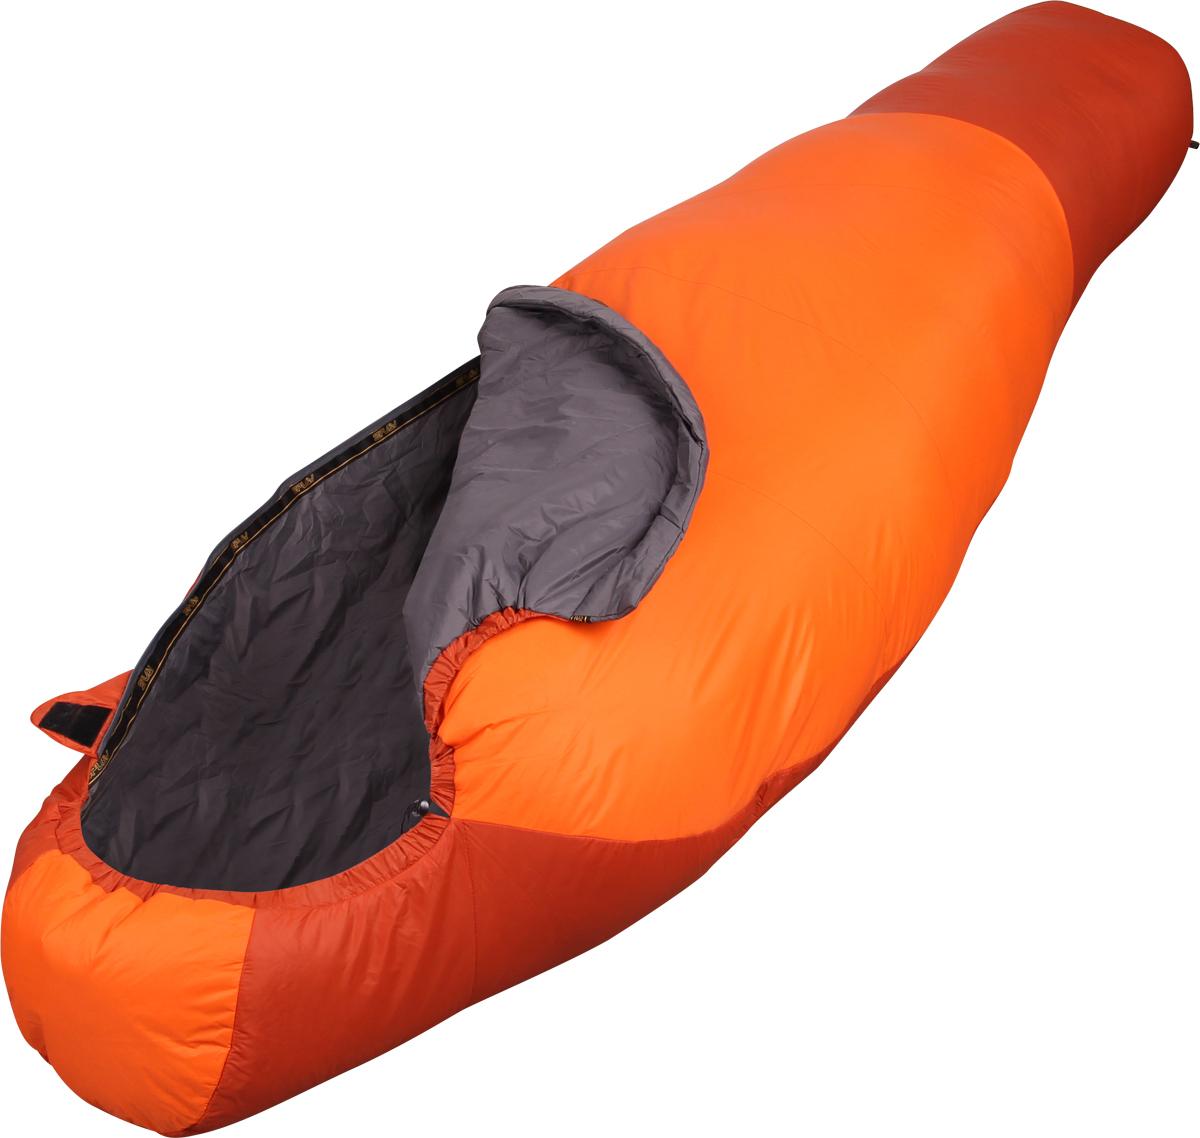 Мешок спальный Сплав Antris 120, левосторонняя молния, цвет: оранжевый, 205 x 80 x 50 см4505574Сверхлегкий, летний спальный мешок.